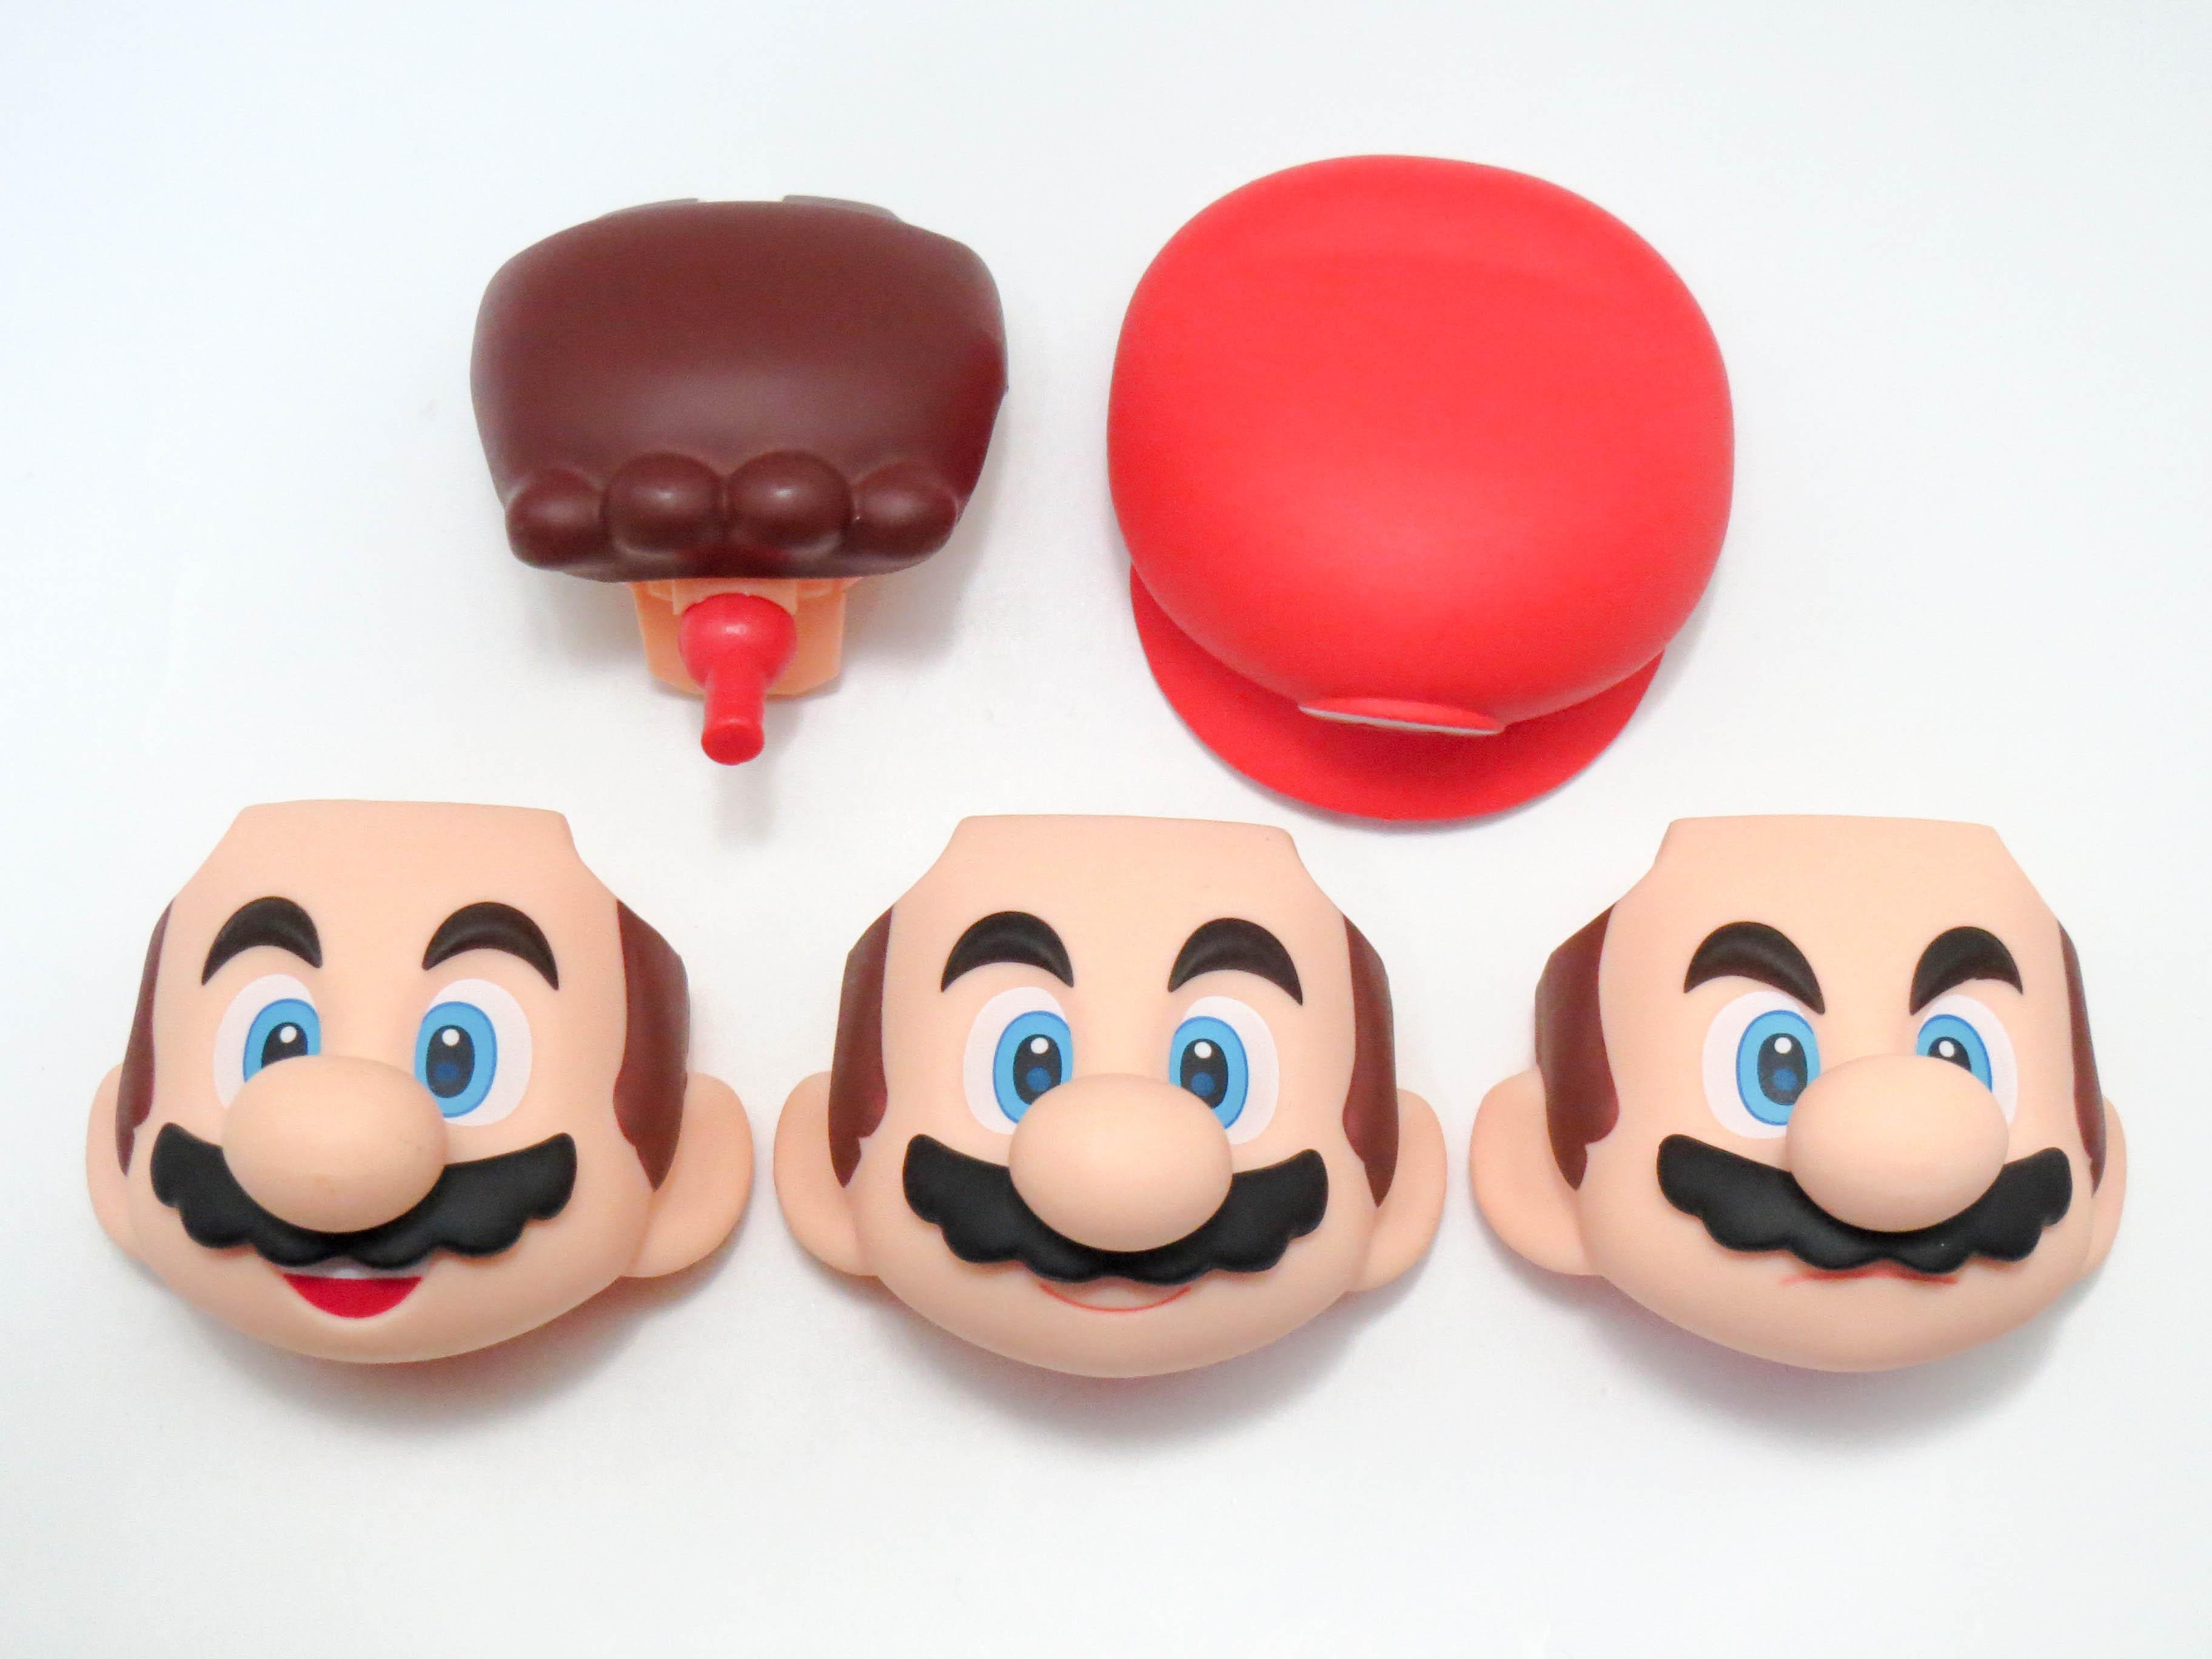 【SALE】【473】 マリオ 顔、帽子パーツ 普通、笑顔、キリリ顔 ねんどろいど